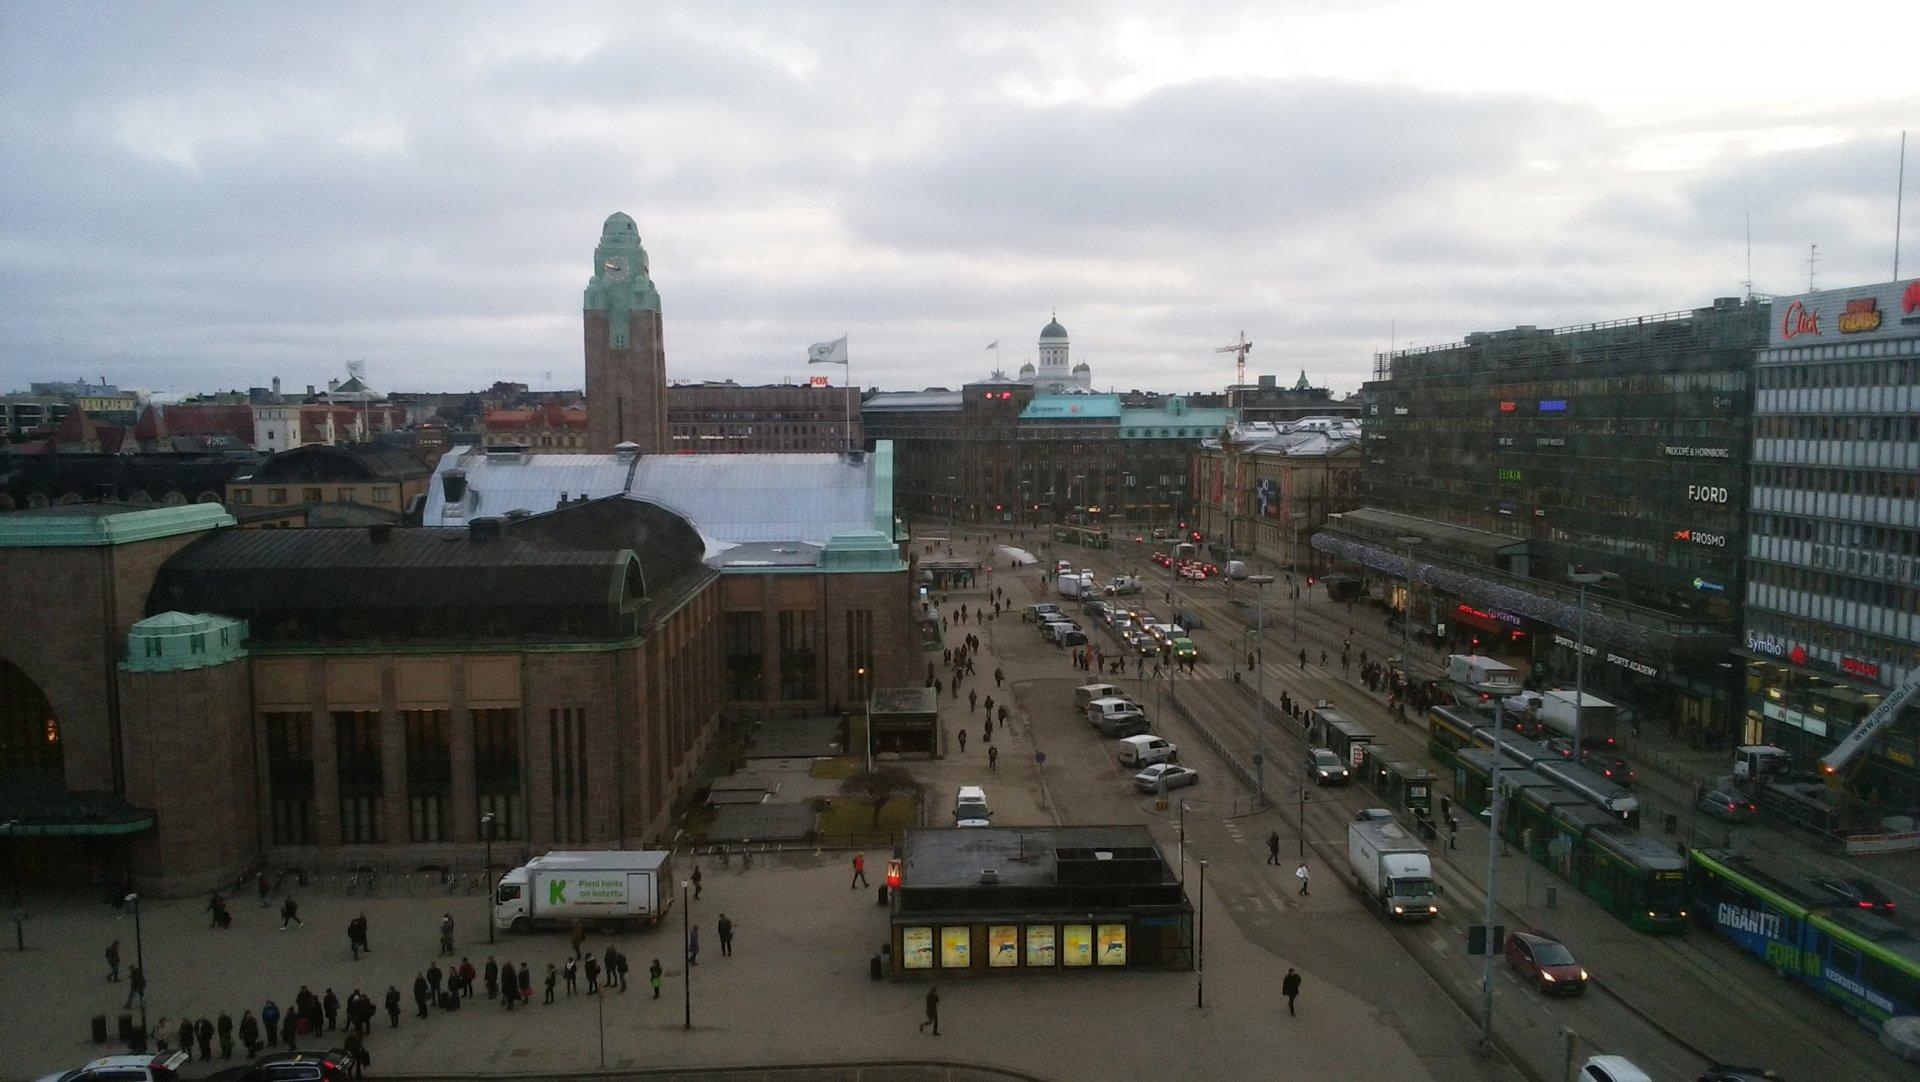 ソコスヴァークナの部屋からみたヘルシンキ中央駅前